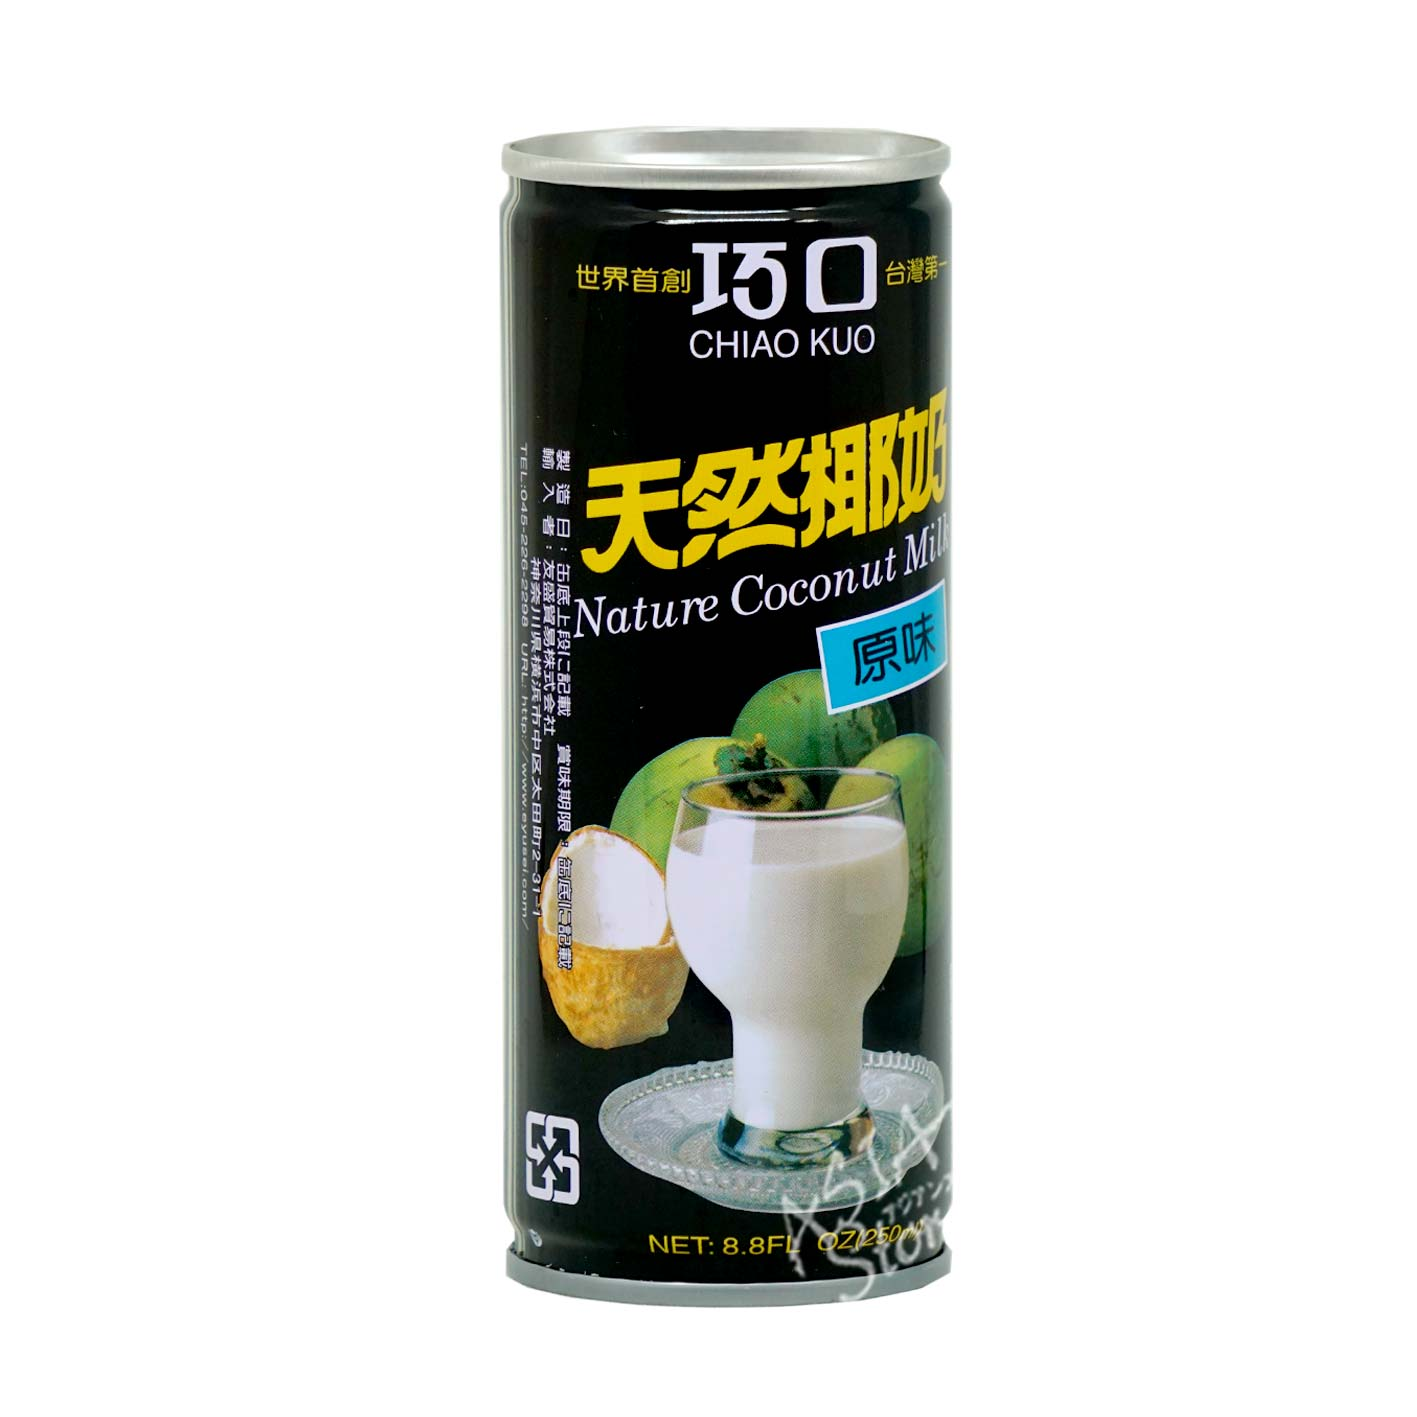 【常温便】天然ココナッツジュース/巧口天然椰子汁 250ml